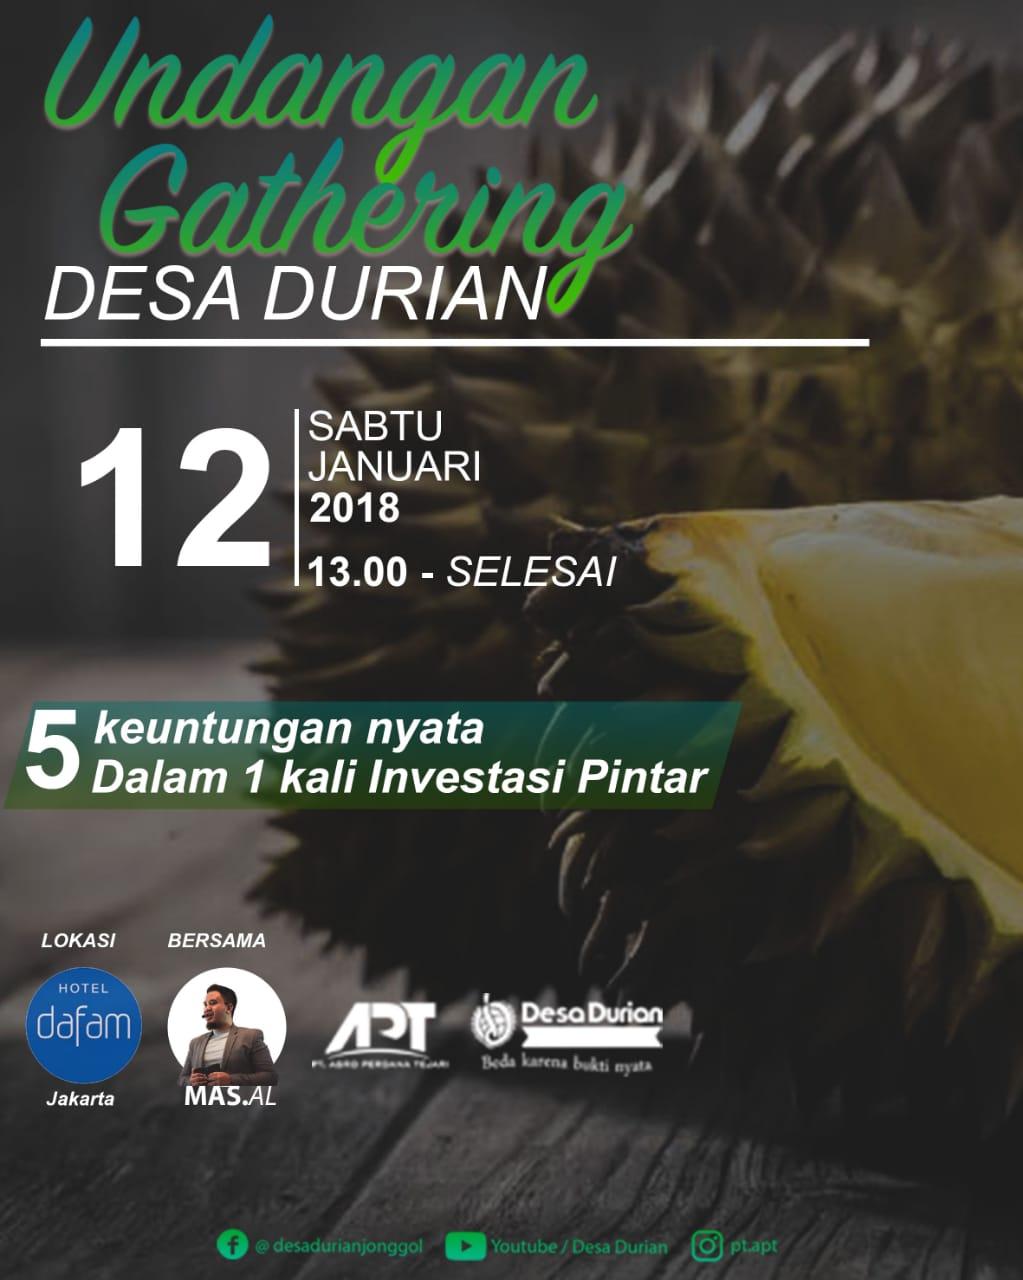 Gathering Kavling Desa Durian: Segudang Manfaat untuk Masa Depan Cerah